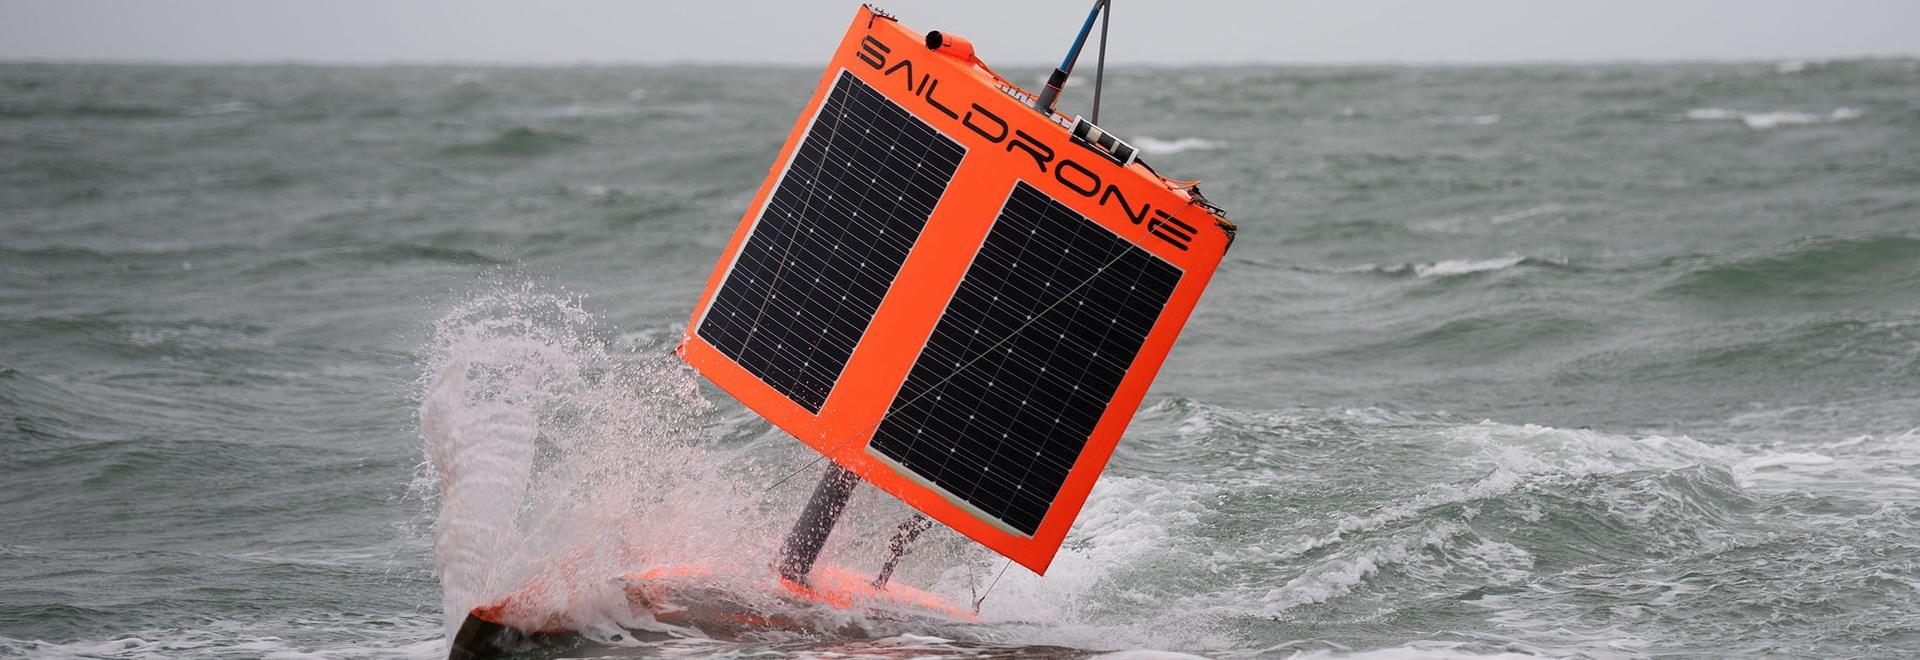 Saildrone completa la primera circunnavegación autónoma de la Antártida